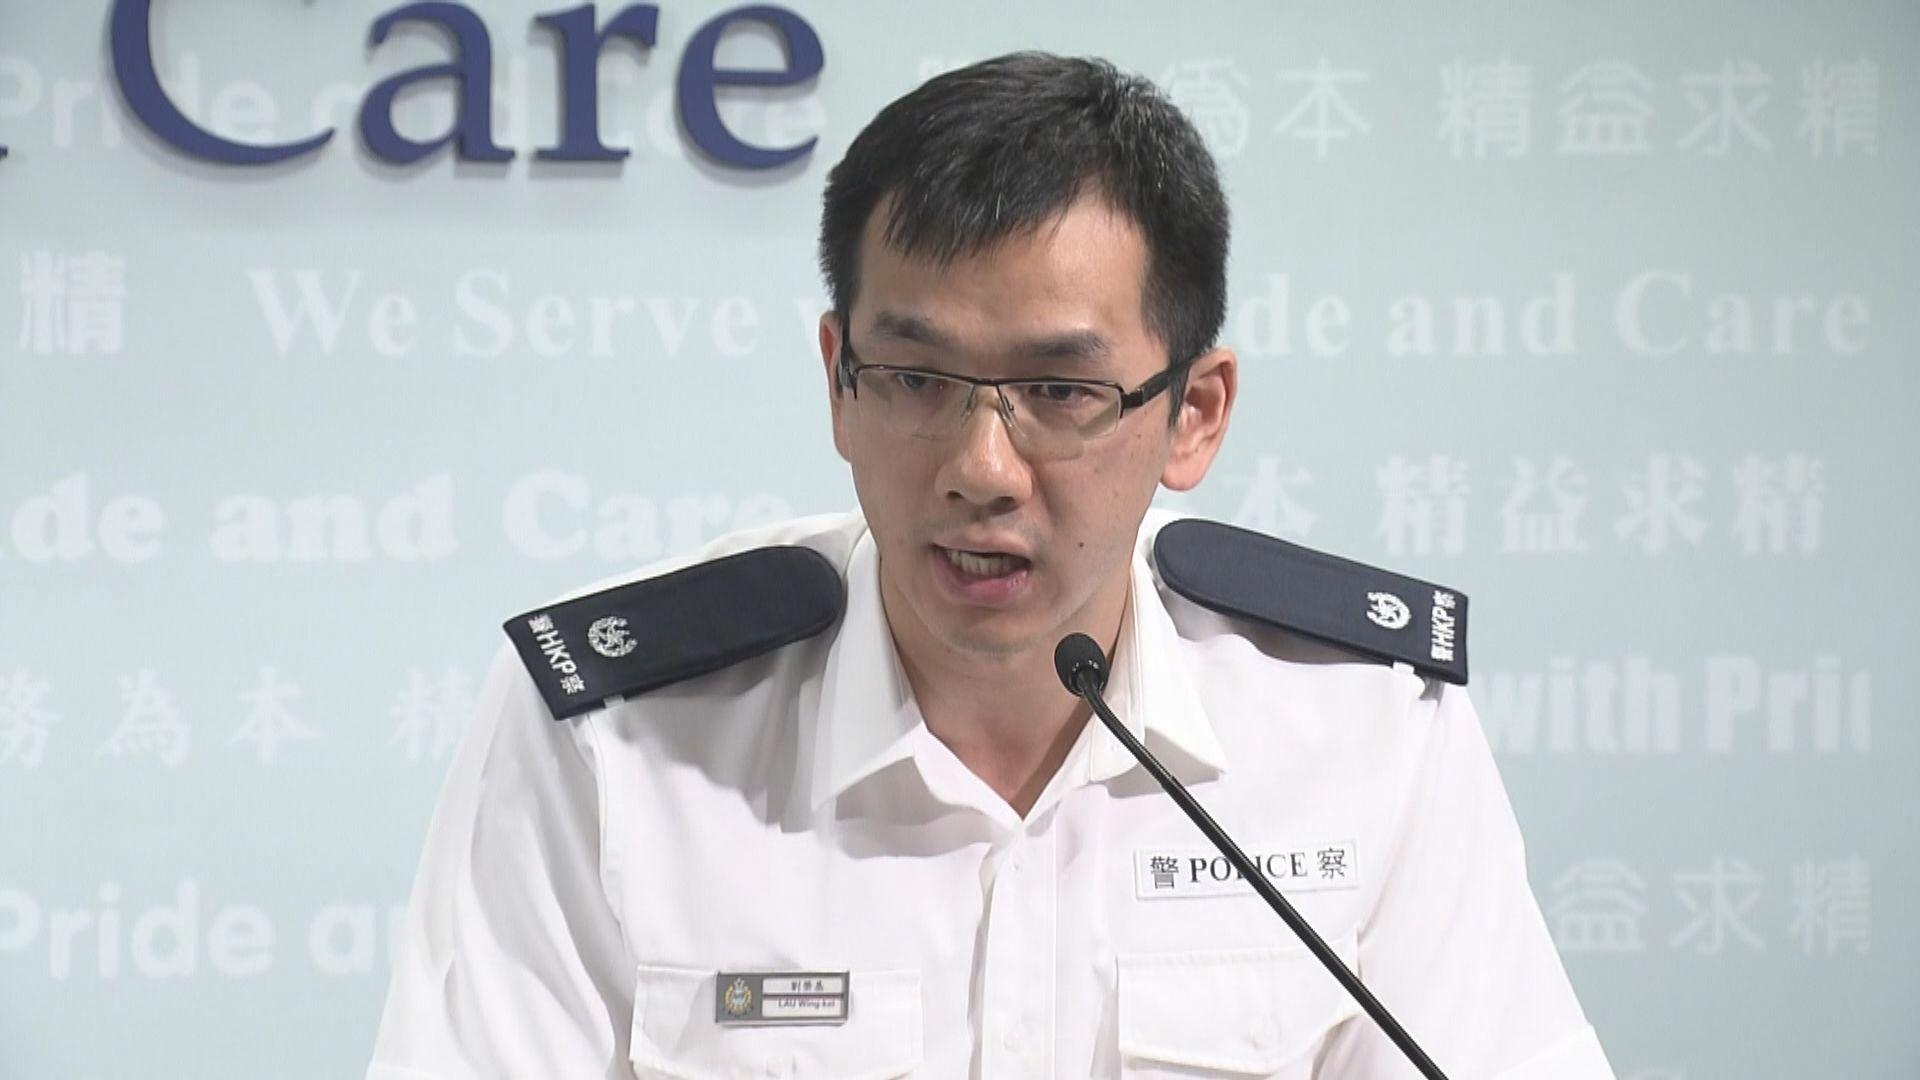 警方:鼓吹或助他人違禁制令或干犯藐視法庭